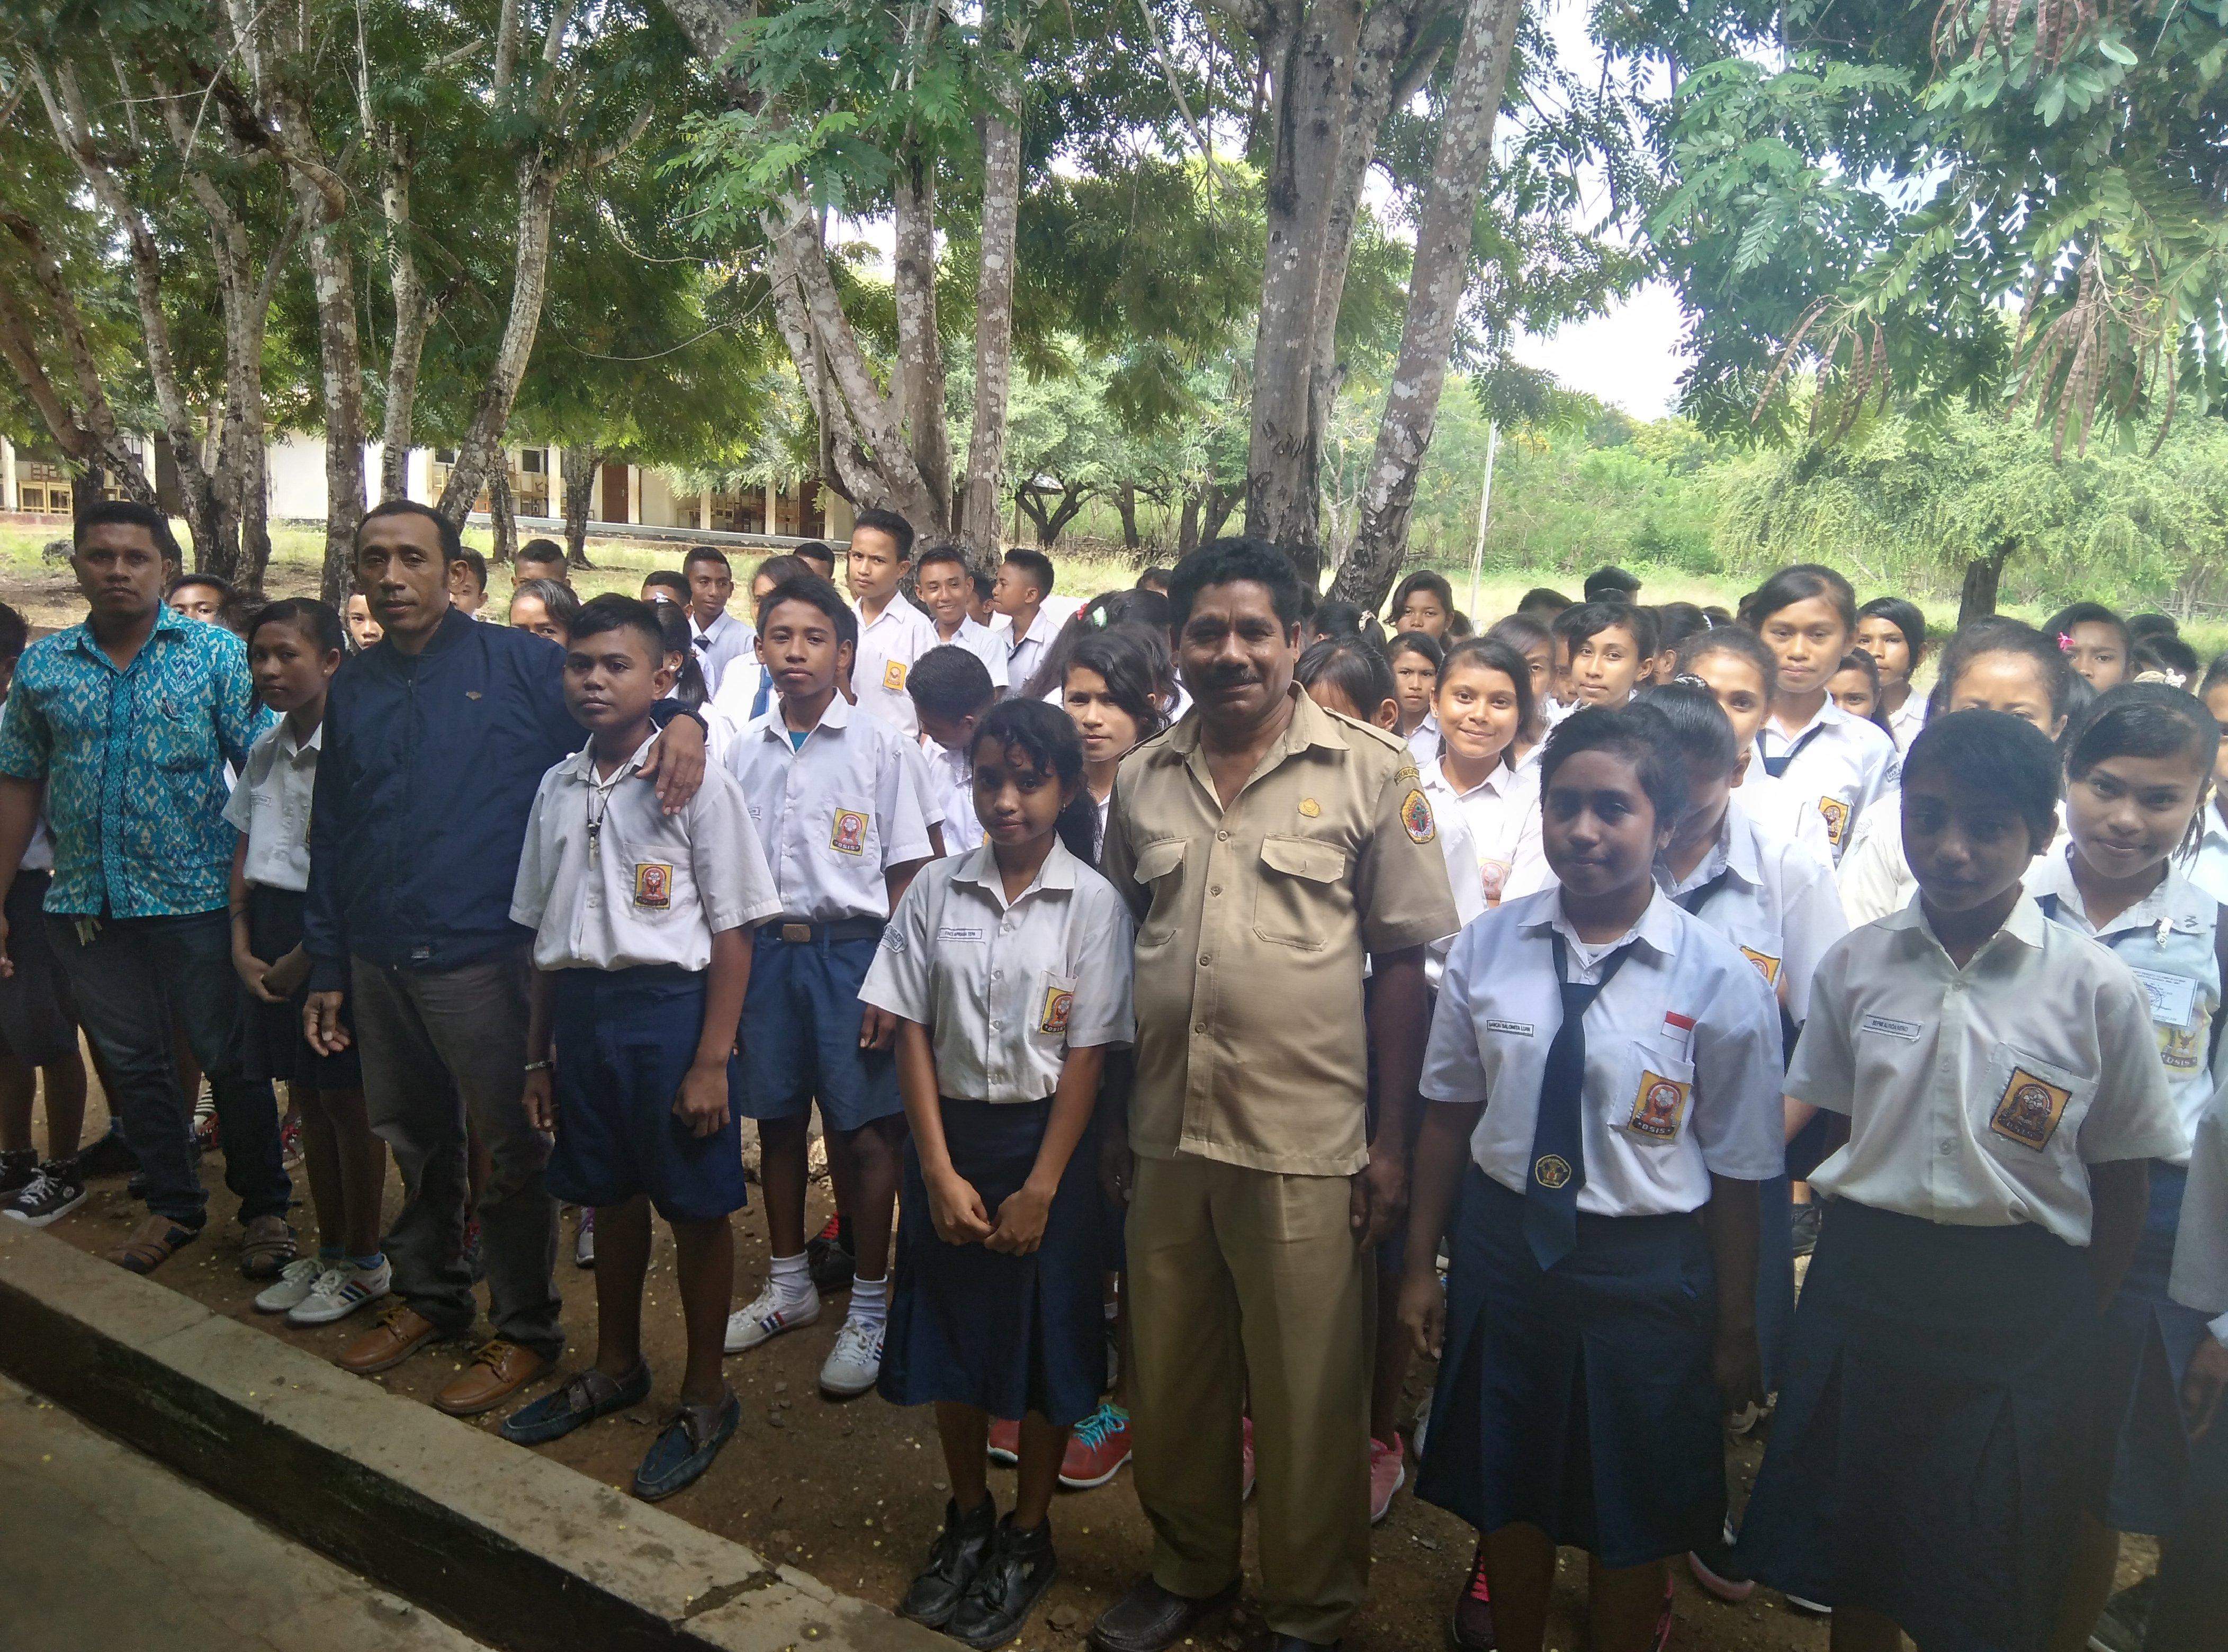 Kepala sekolah dan siswa peserta UN pose bersama.